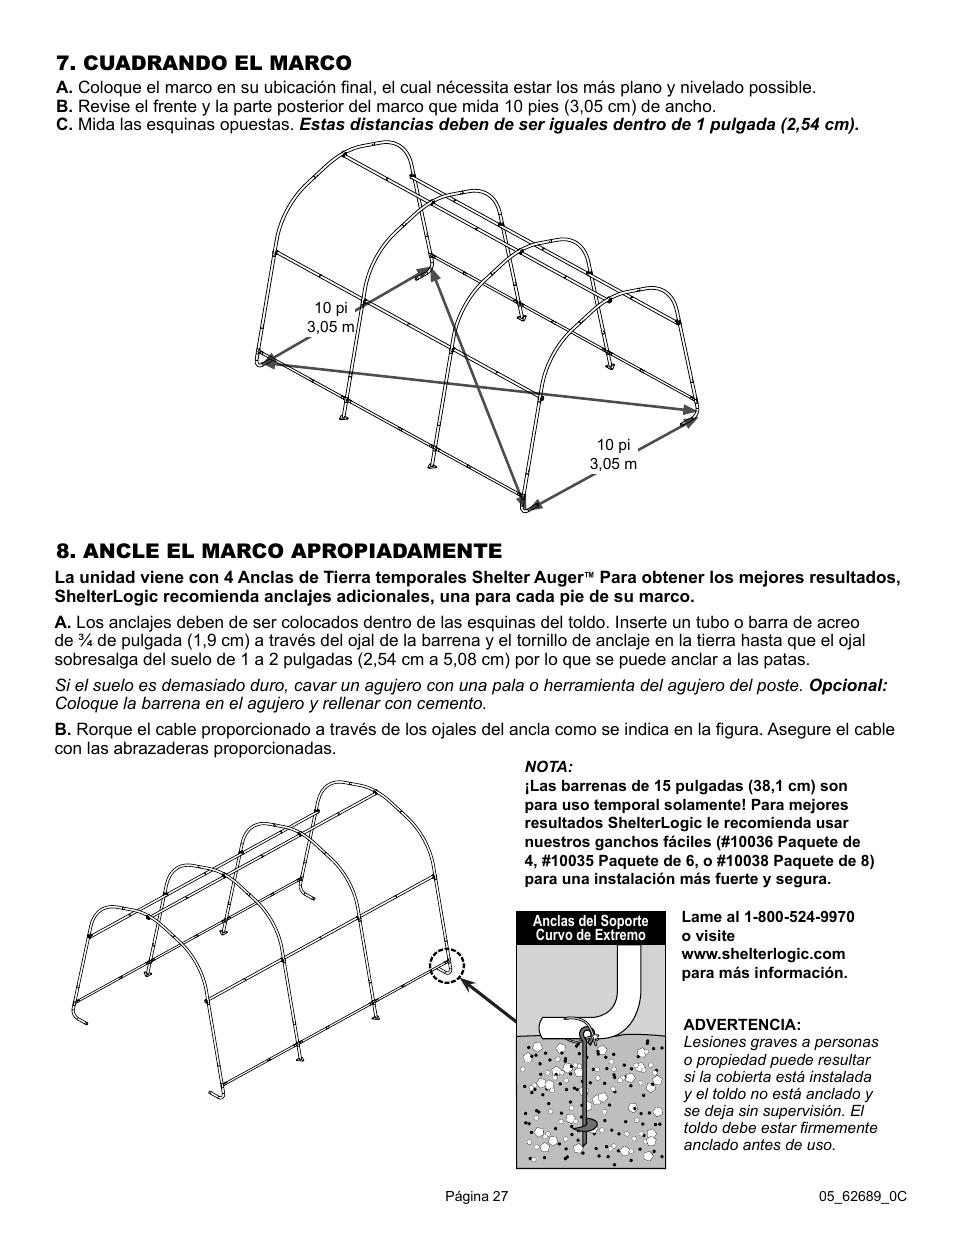 Cuadrando el marco, Ancle el marco apropiadamente | ShelterLogic ...